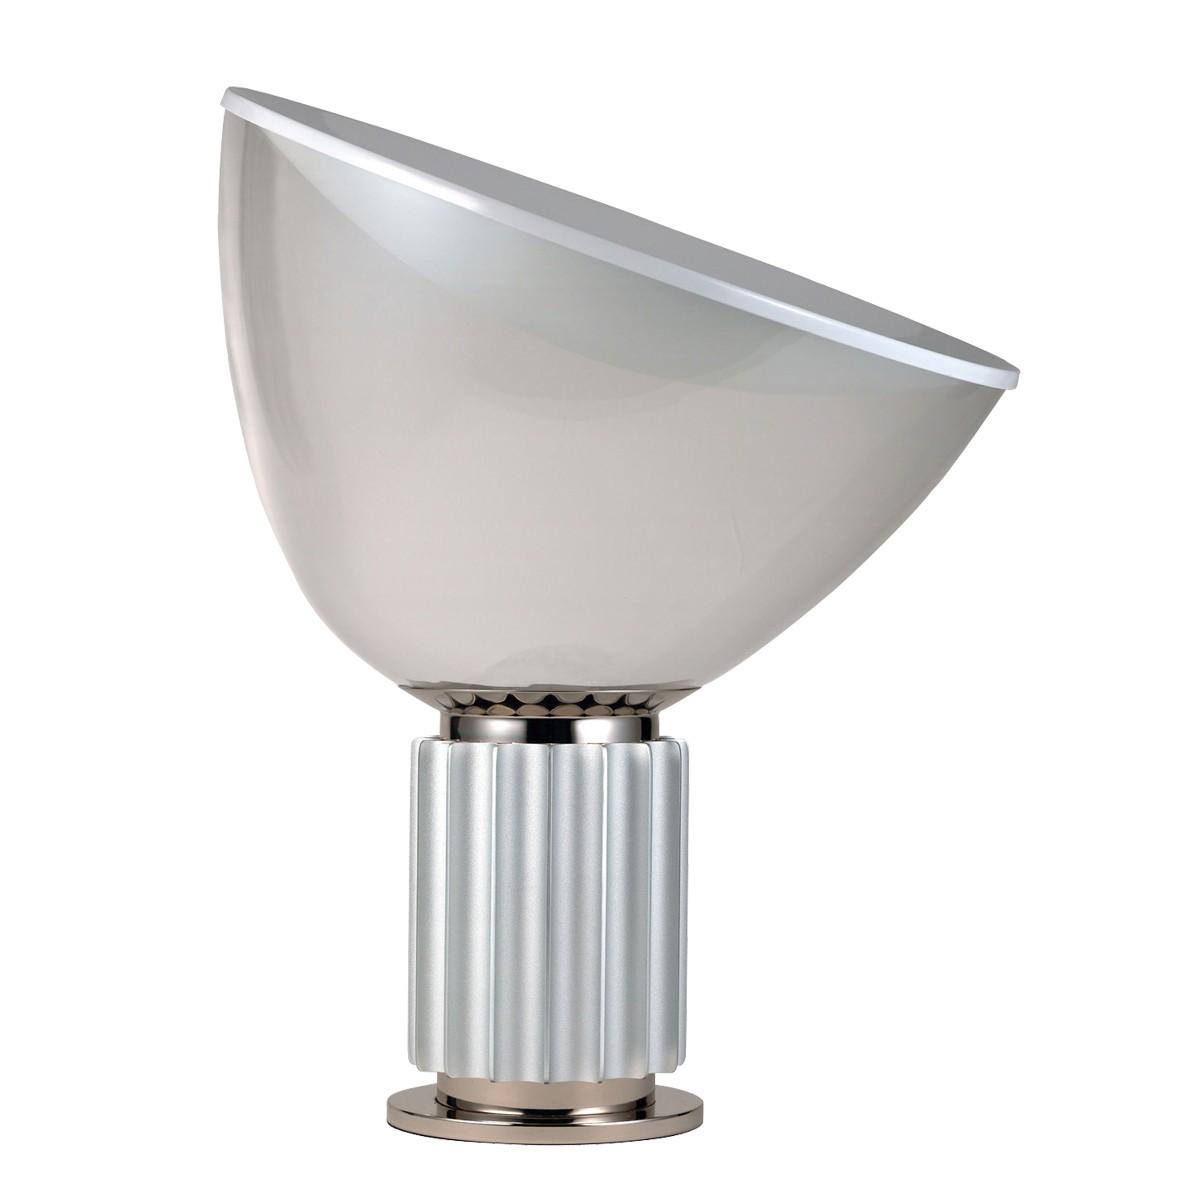 Flos Taccia Tischleuchte PMMA, Silber eloxiert